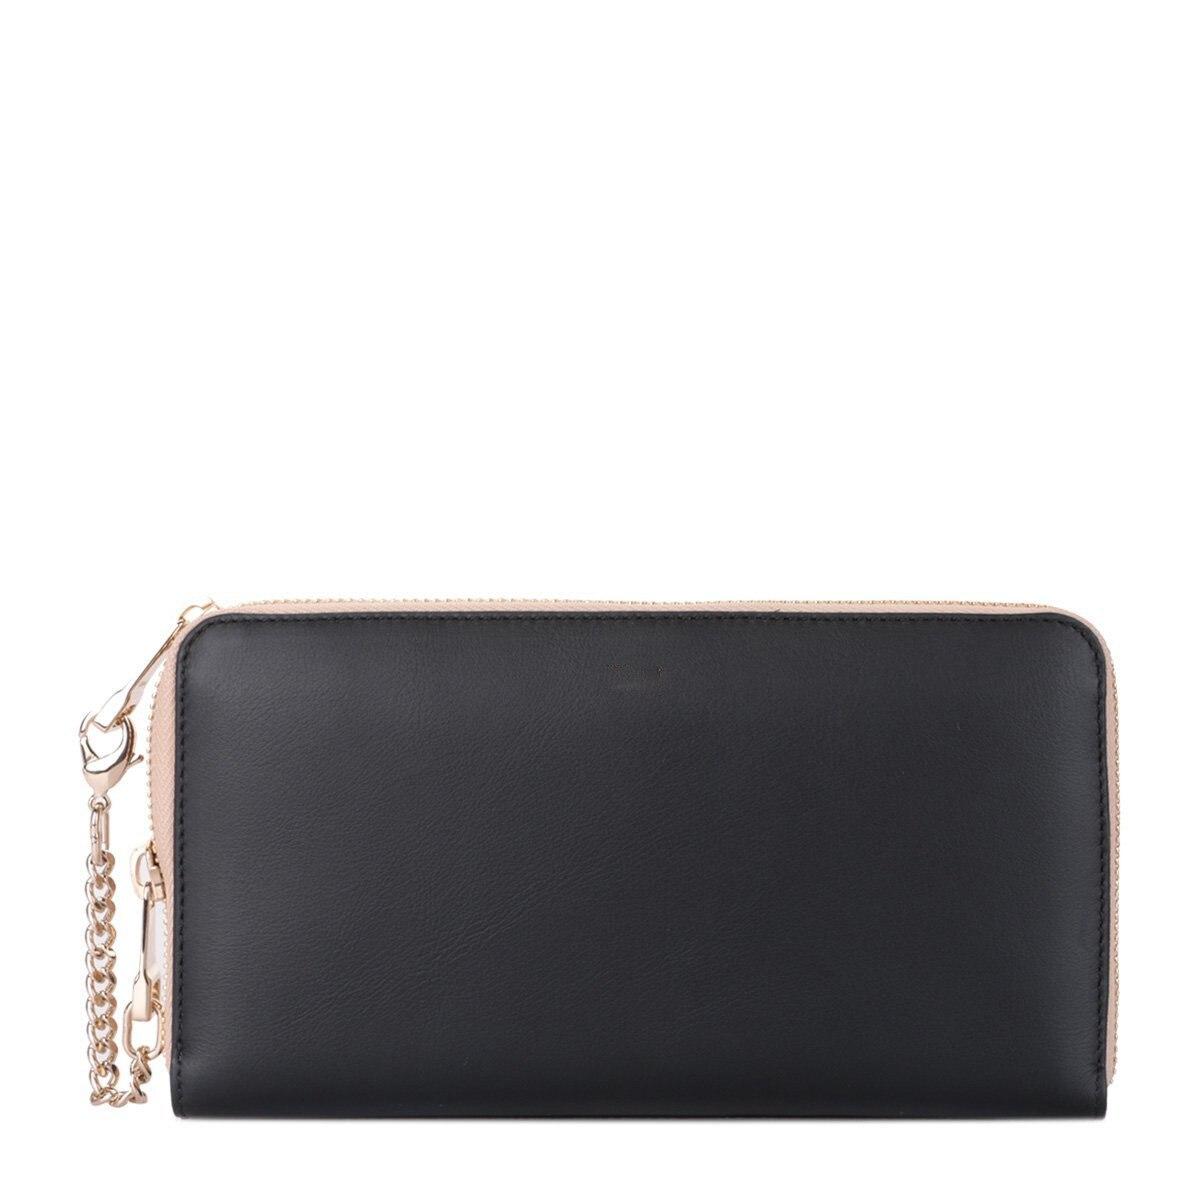 Lange Luxus Marke Frauen Brieftaschen Mode Haspe Leder Geldbörse Weiblichen handtasche Kupplung Geld Frauen Brieftasche Geldbörse